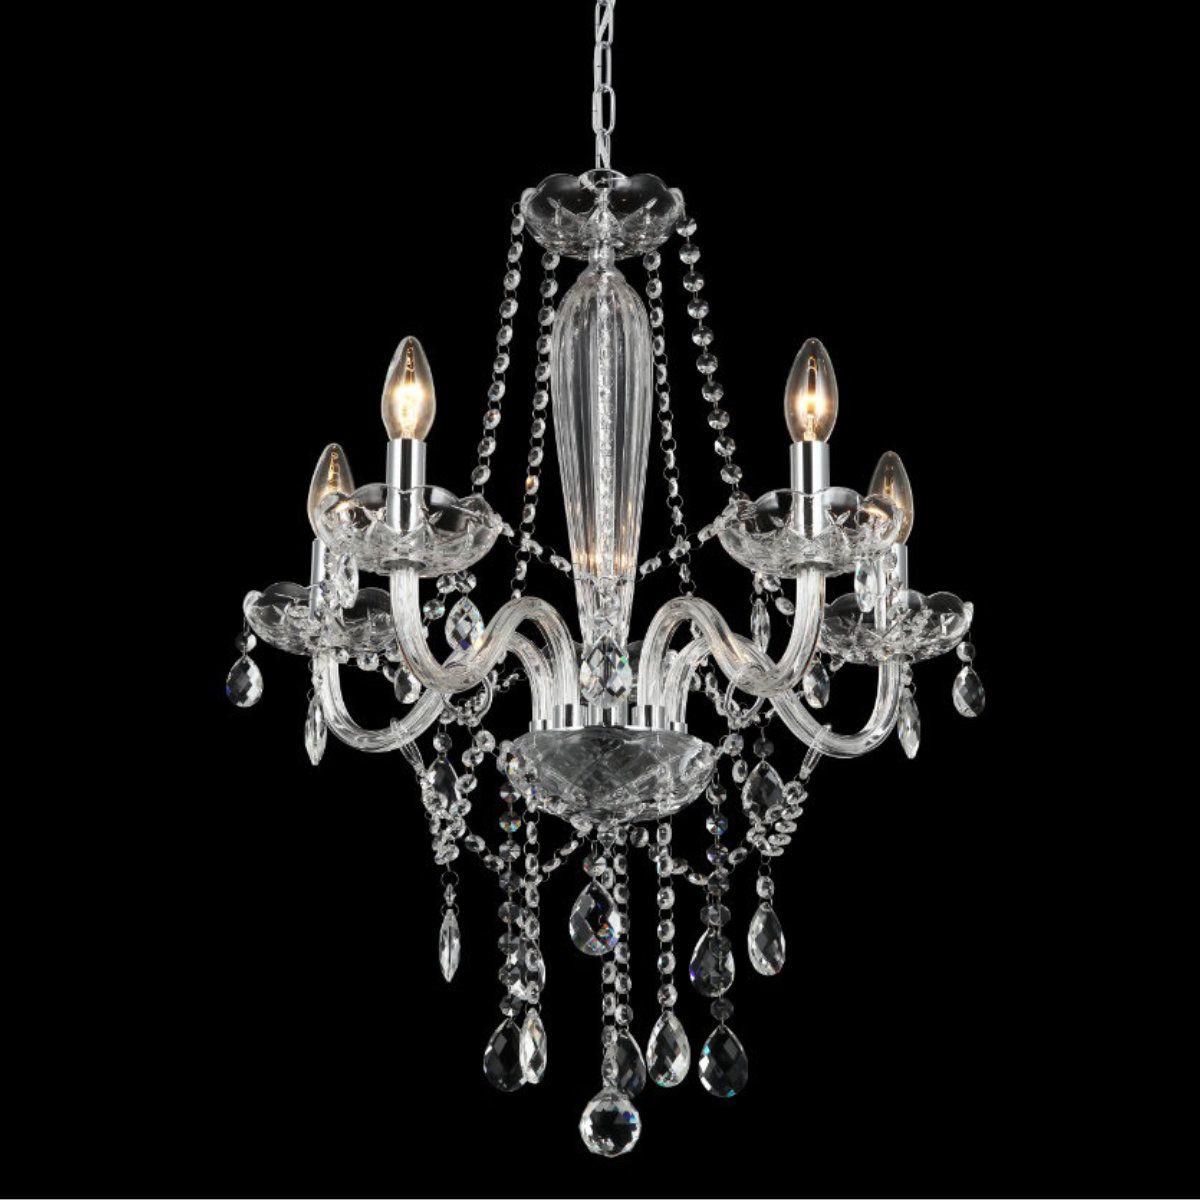 Lustre Candelabro de Cristal Maria Teresa - 5 Braços Transparente